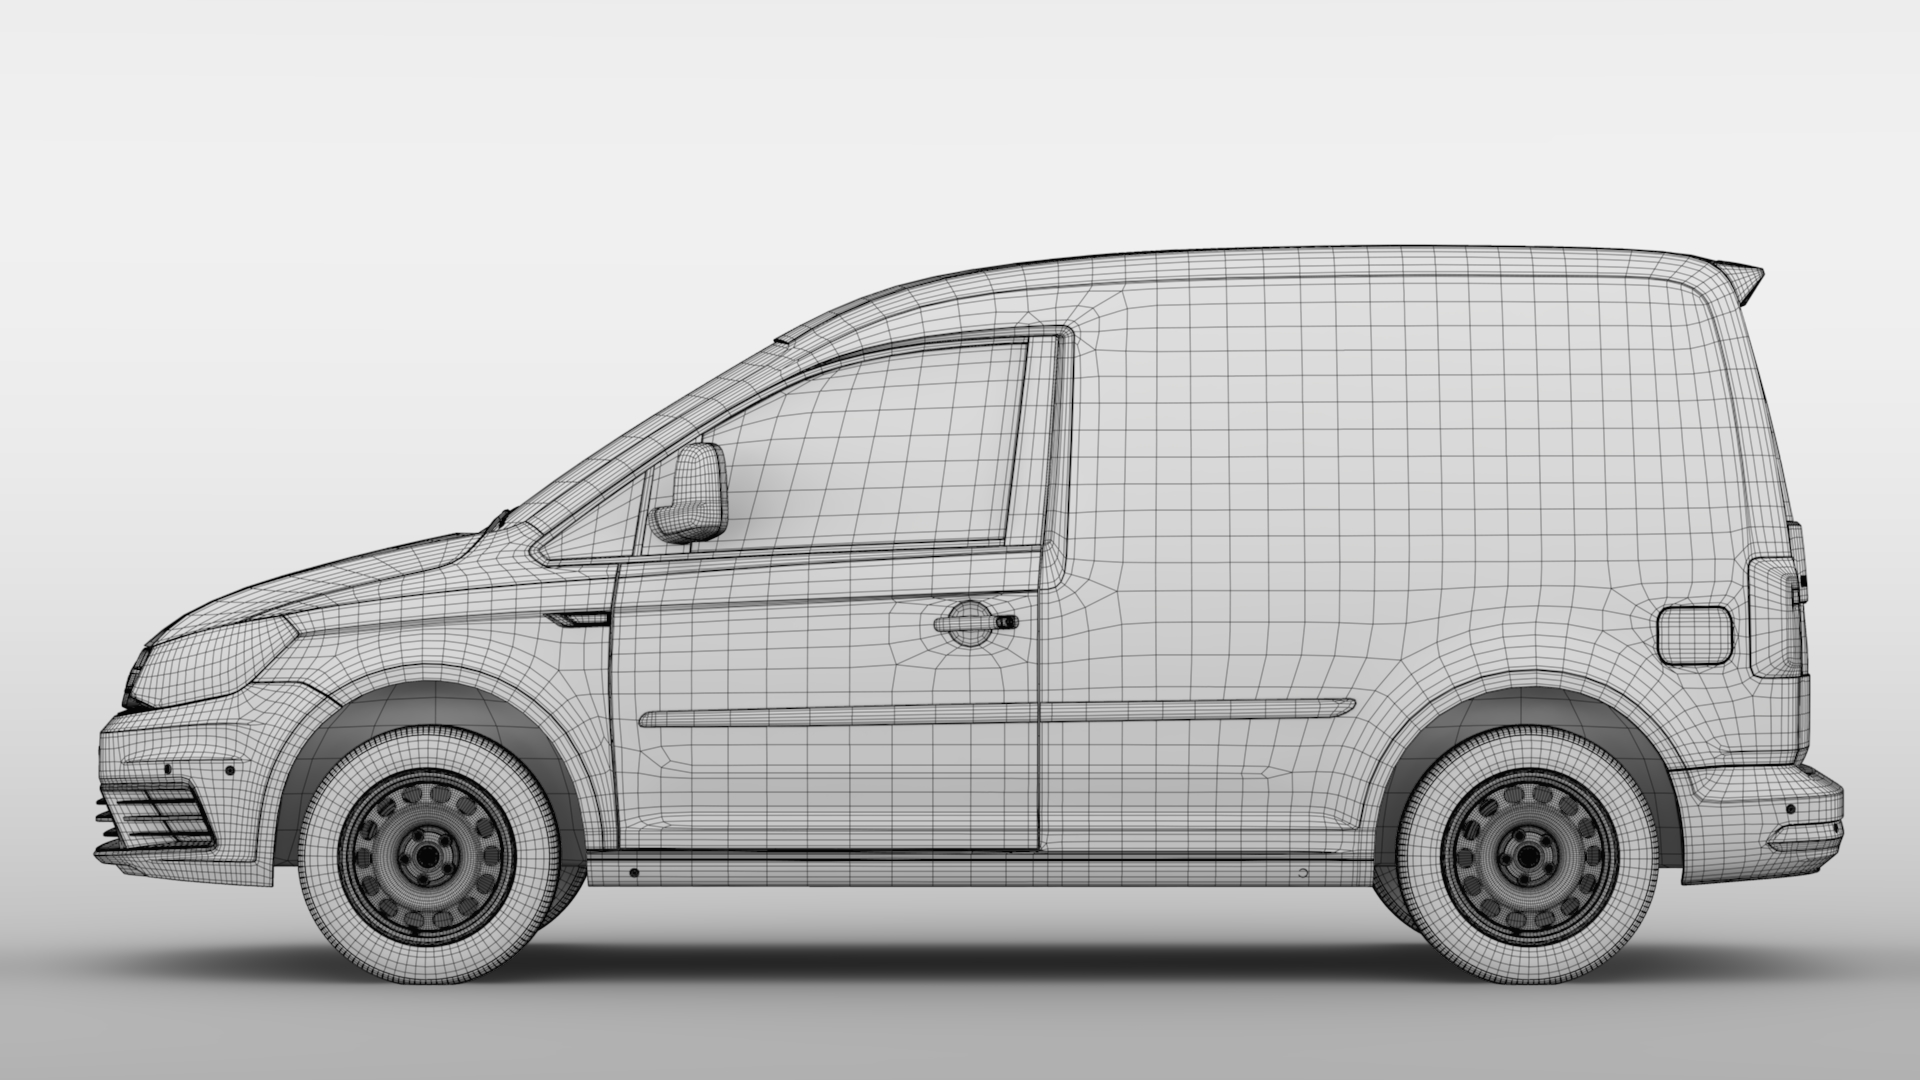 volkswagen caddy panel van l1 2017 3d model max fbx c4d lwo ma mb hrc xsi obj 274416